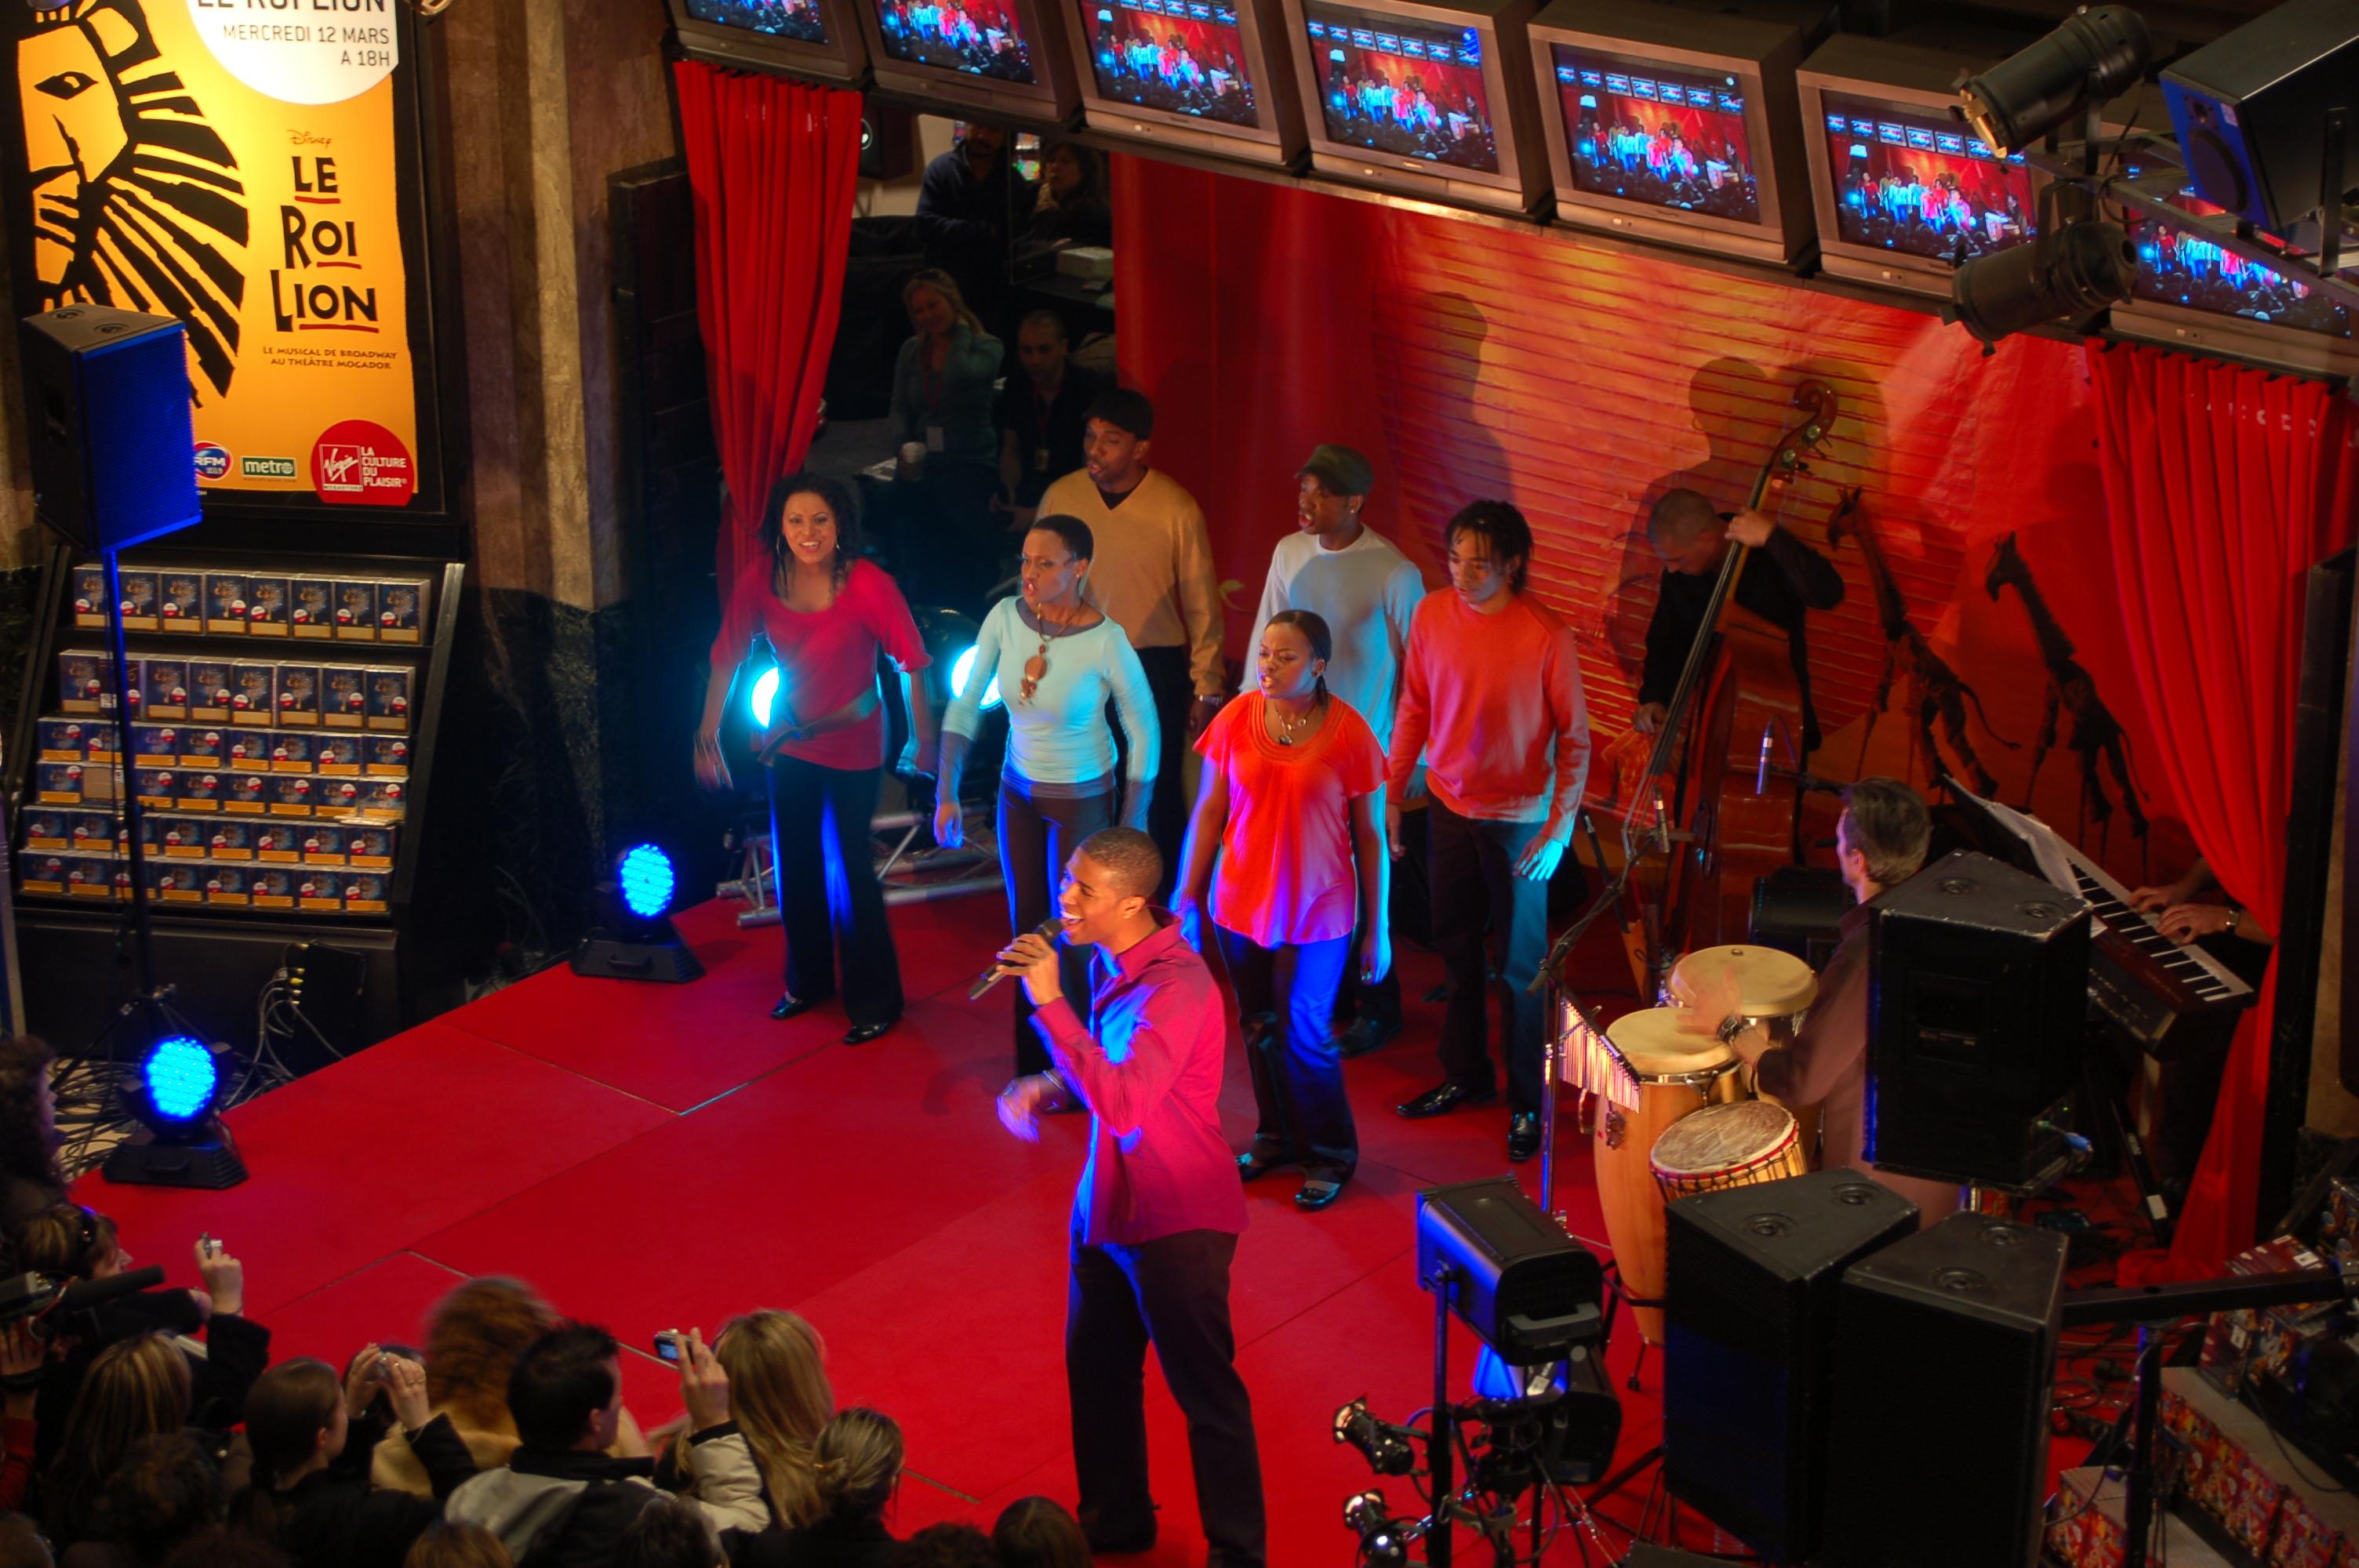 Le Roi Lion en mini-concert au Virgin Megastore - Nuit sans fin